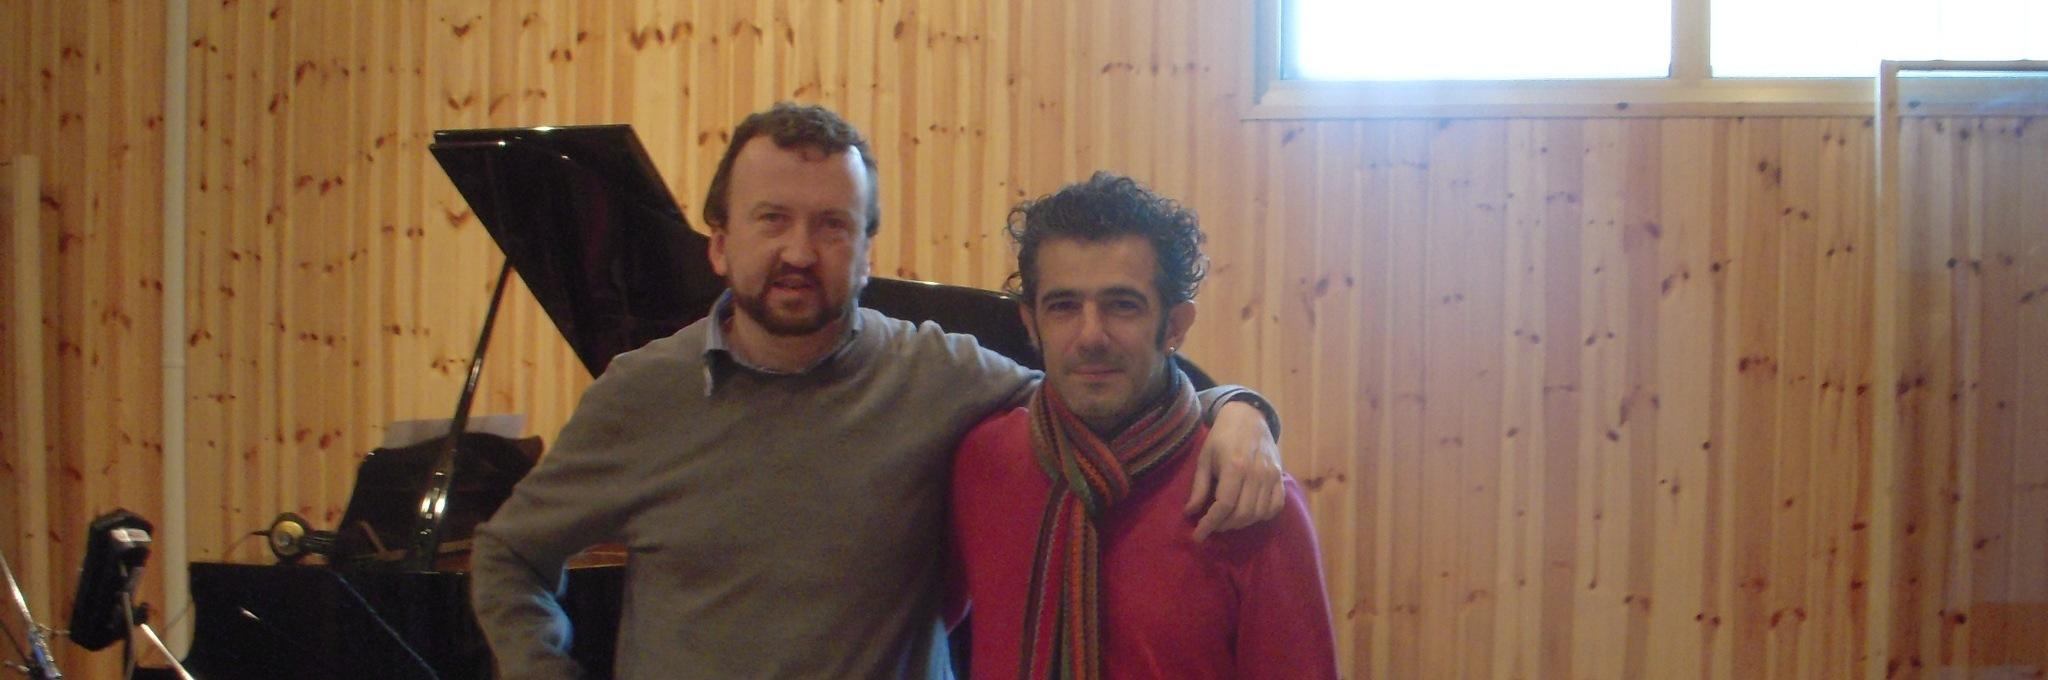 2009-02-06 12.12.38 Mario Marcassa e Paolo Fresu